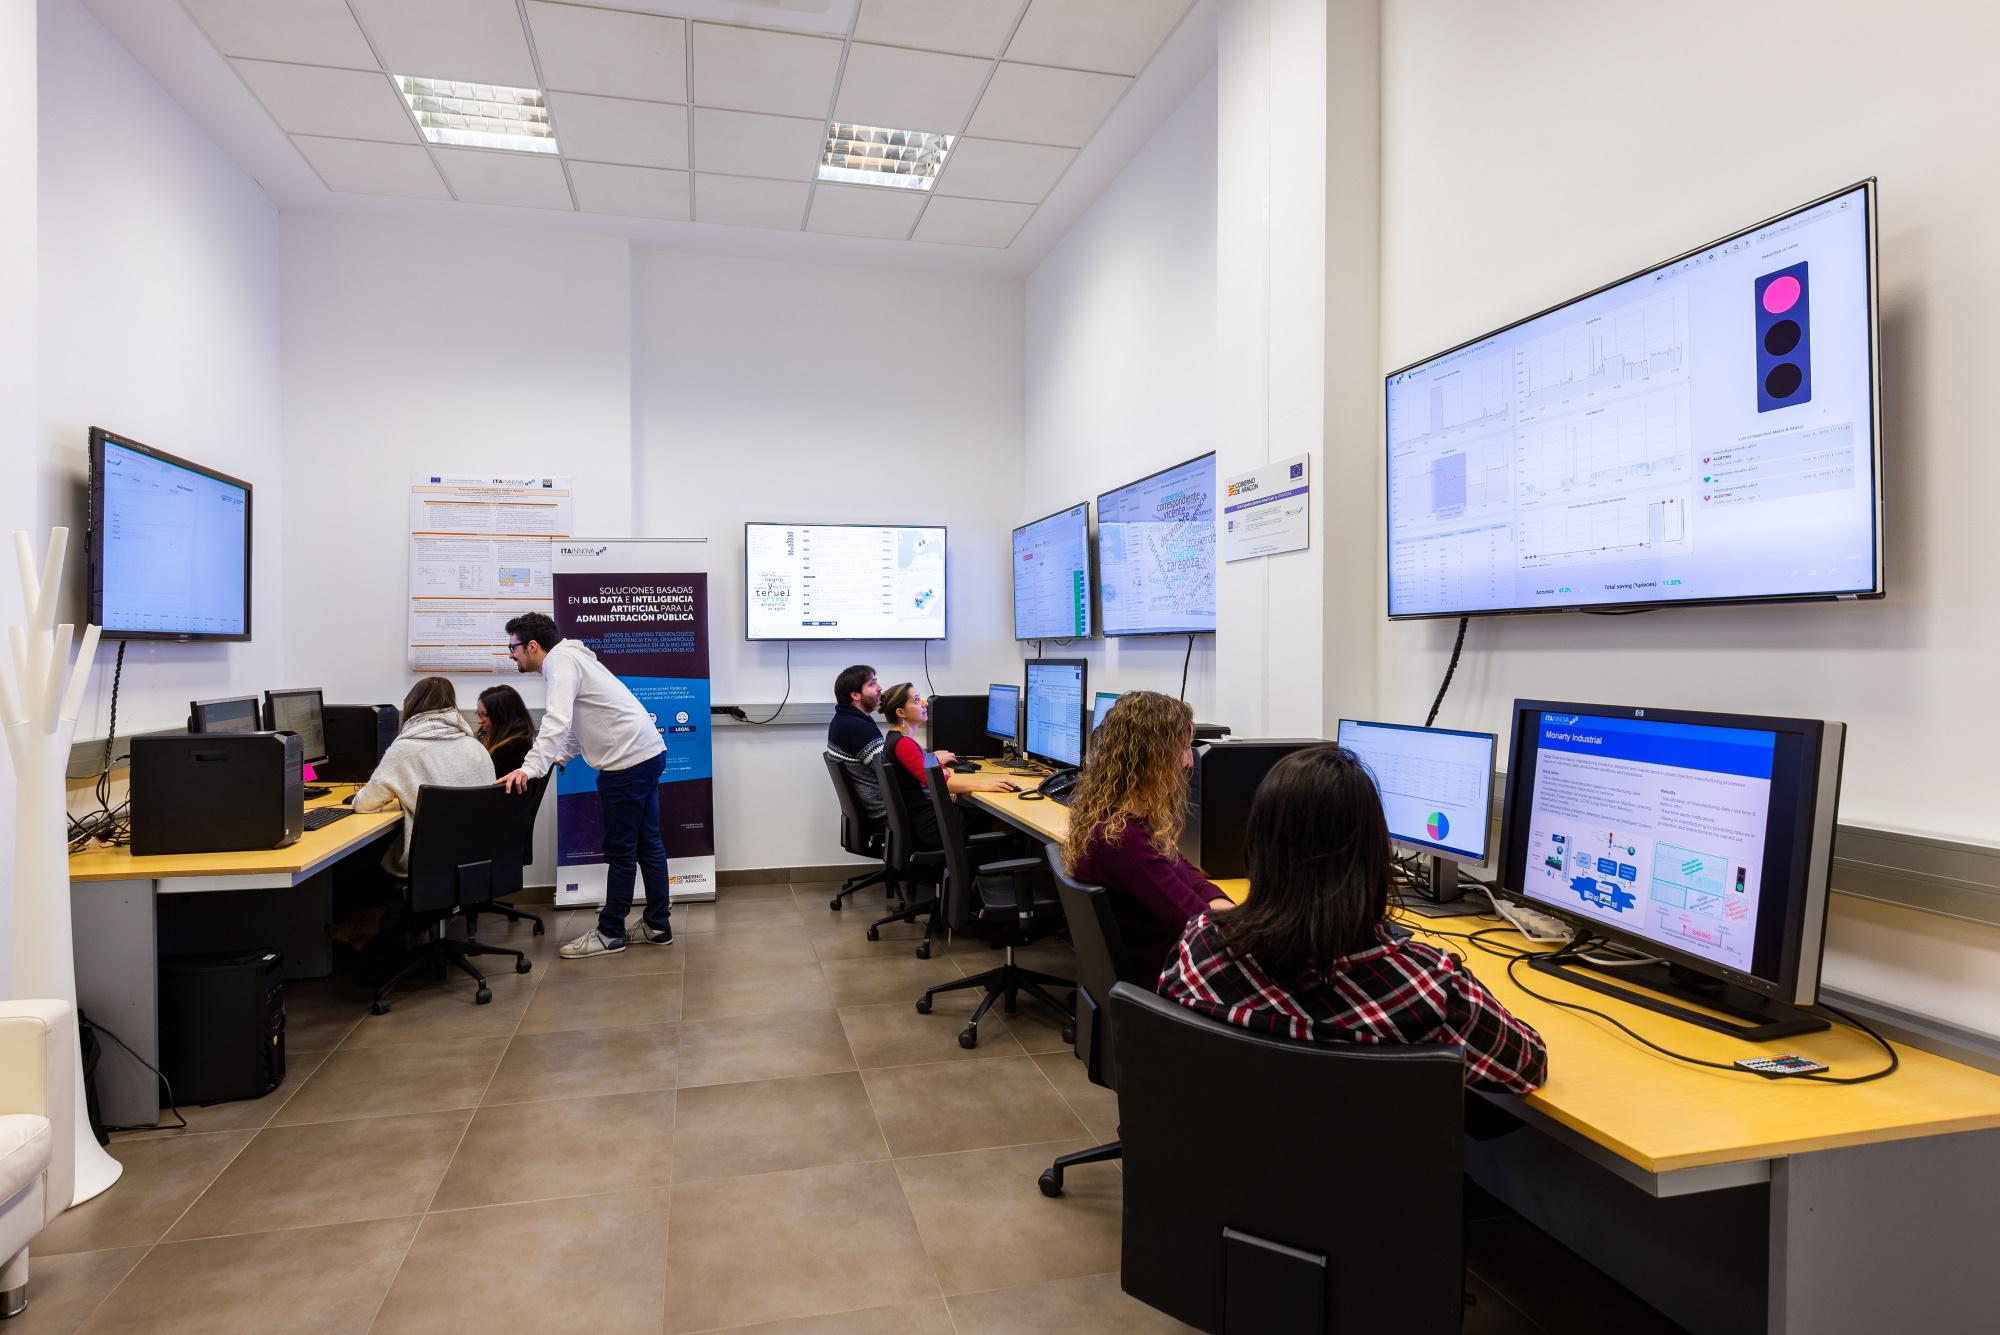 ITAINNOVA participa en el proyecto europeo  DIGITbrain, que facilita el acceso de las PYMES a la tecnología de los gemelos digitales